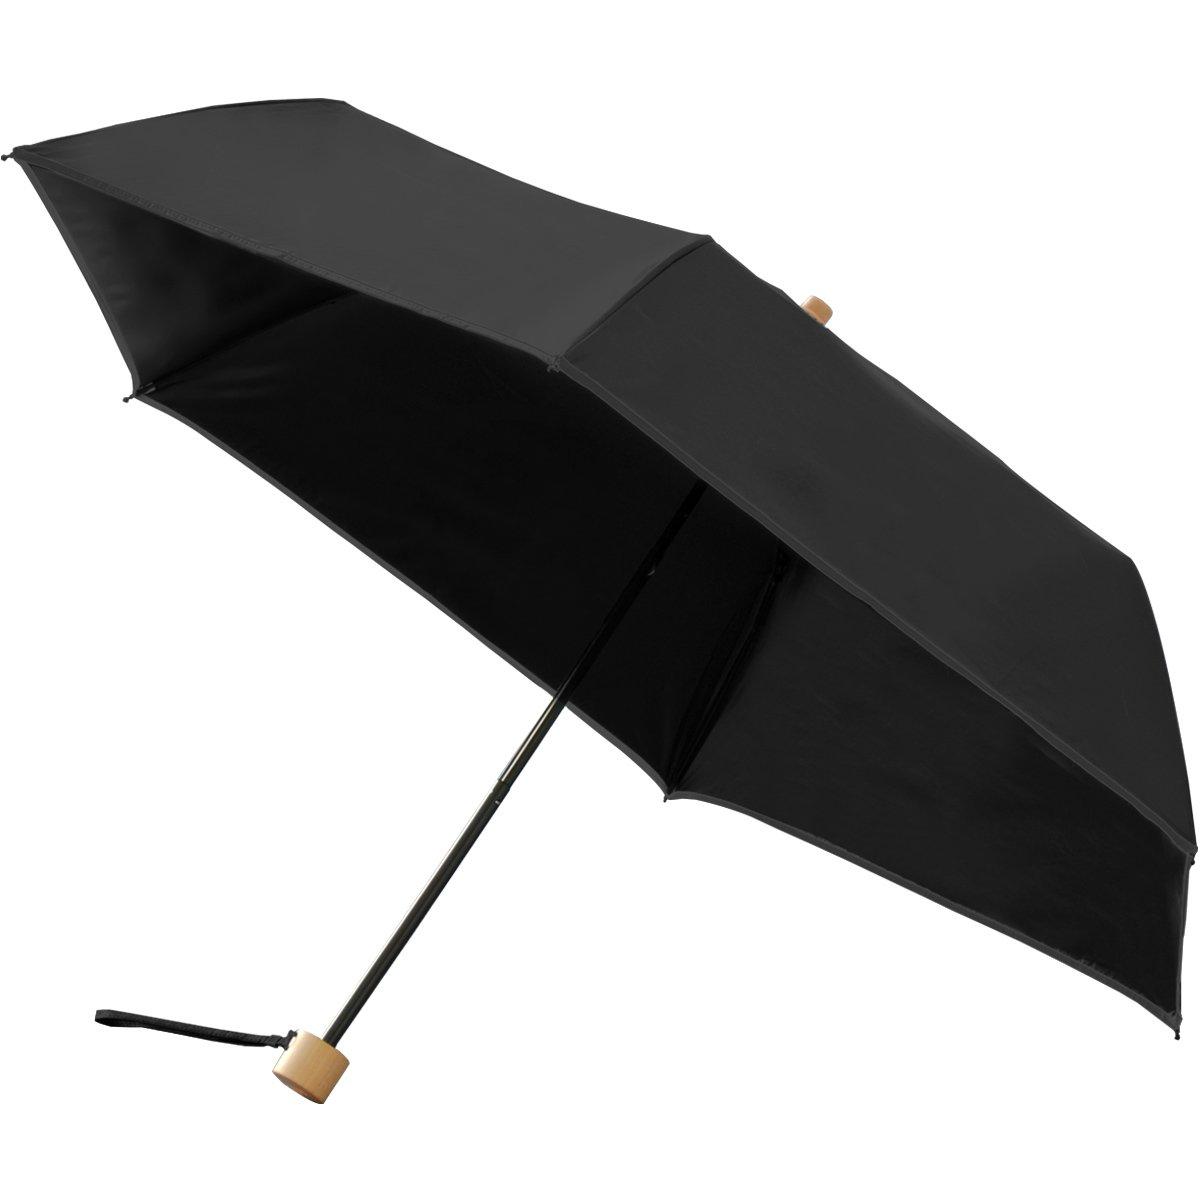 FIELDOORの折りたたみ日傘